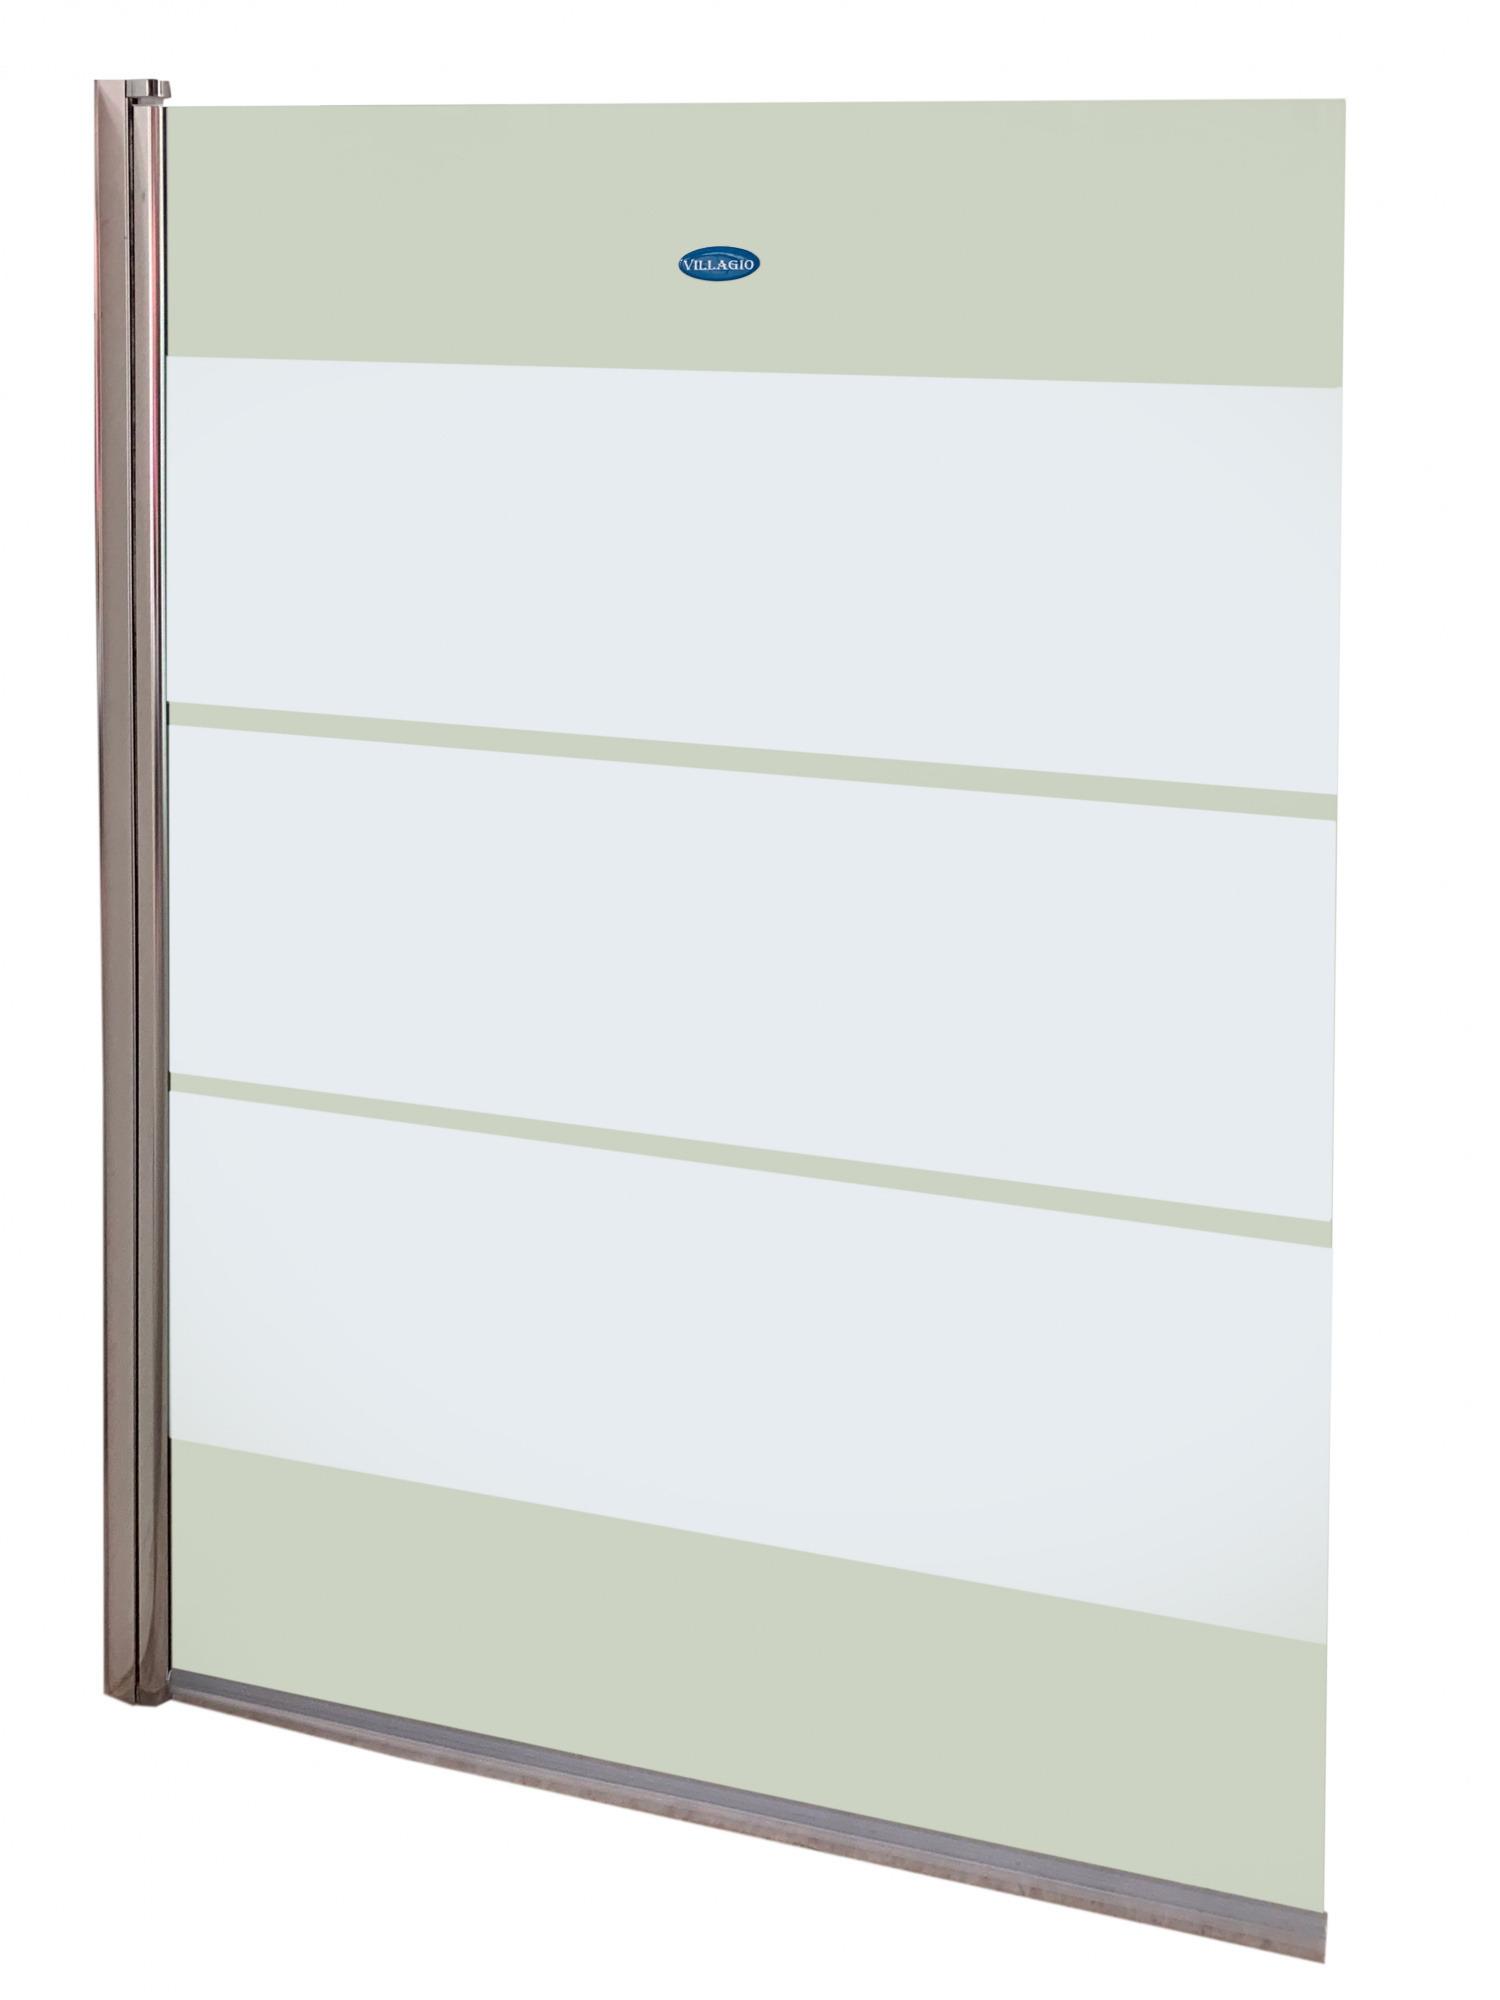 Купить со скидкой Шторка на ванну Villagio 95*140 прозрачн.стекло, матовые полосы Pf-S04